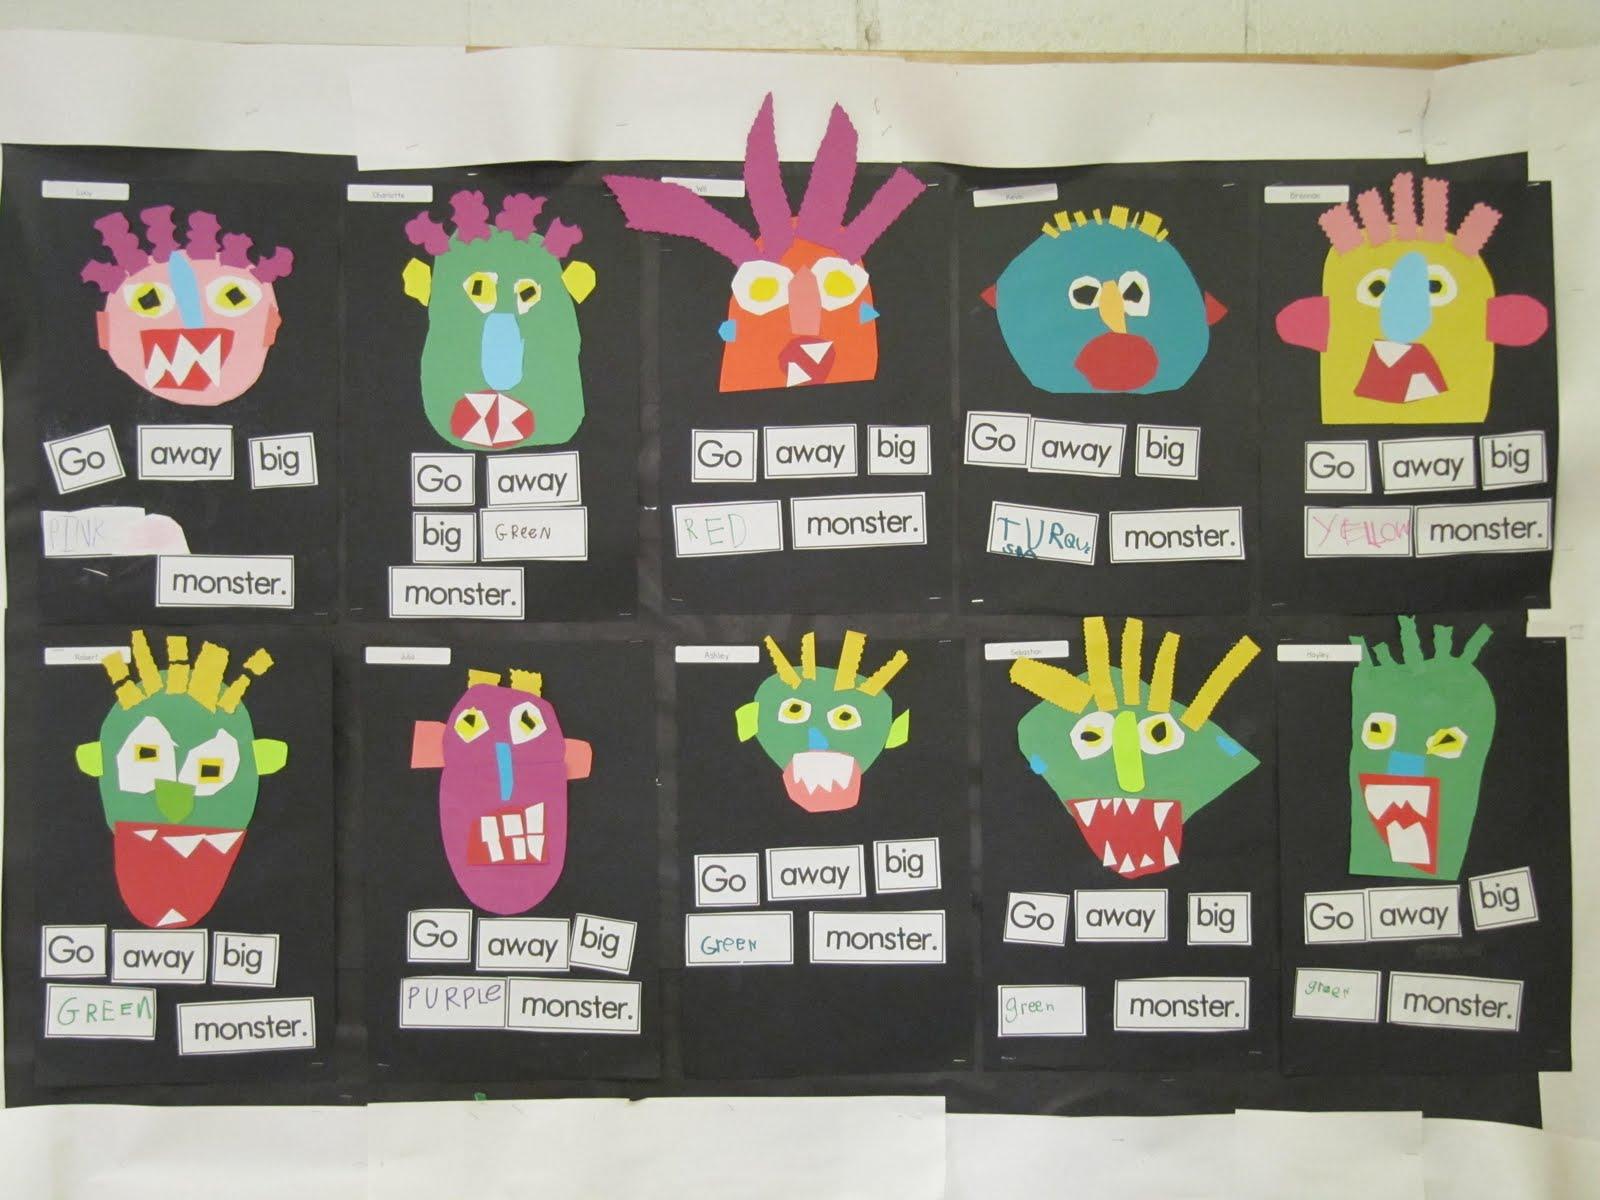 Joyful Learning In Kc Go Away Green Monster